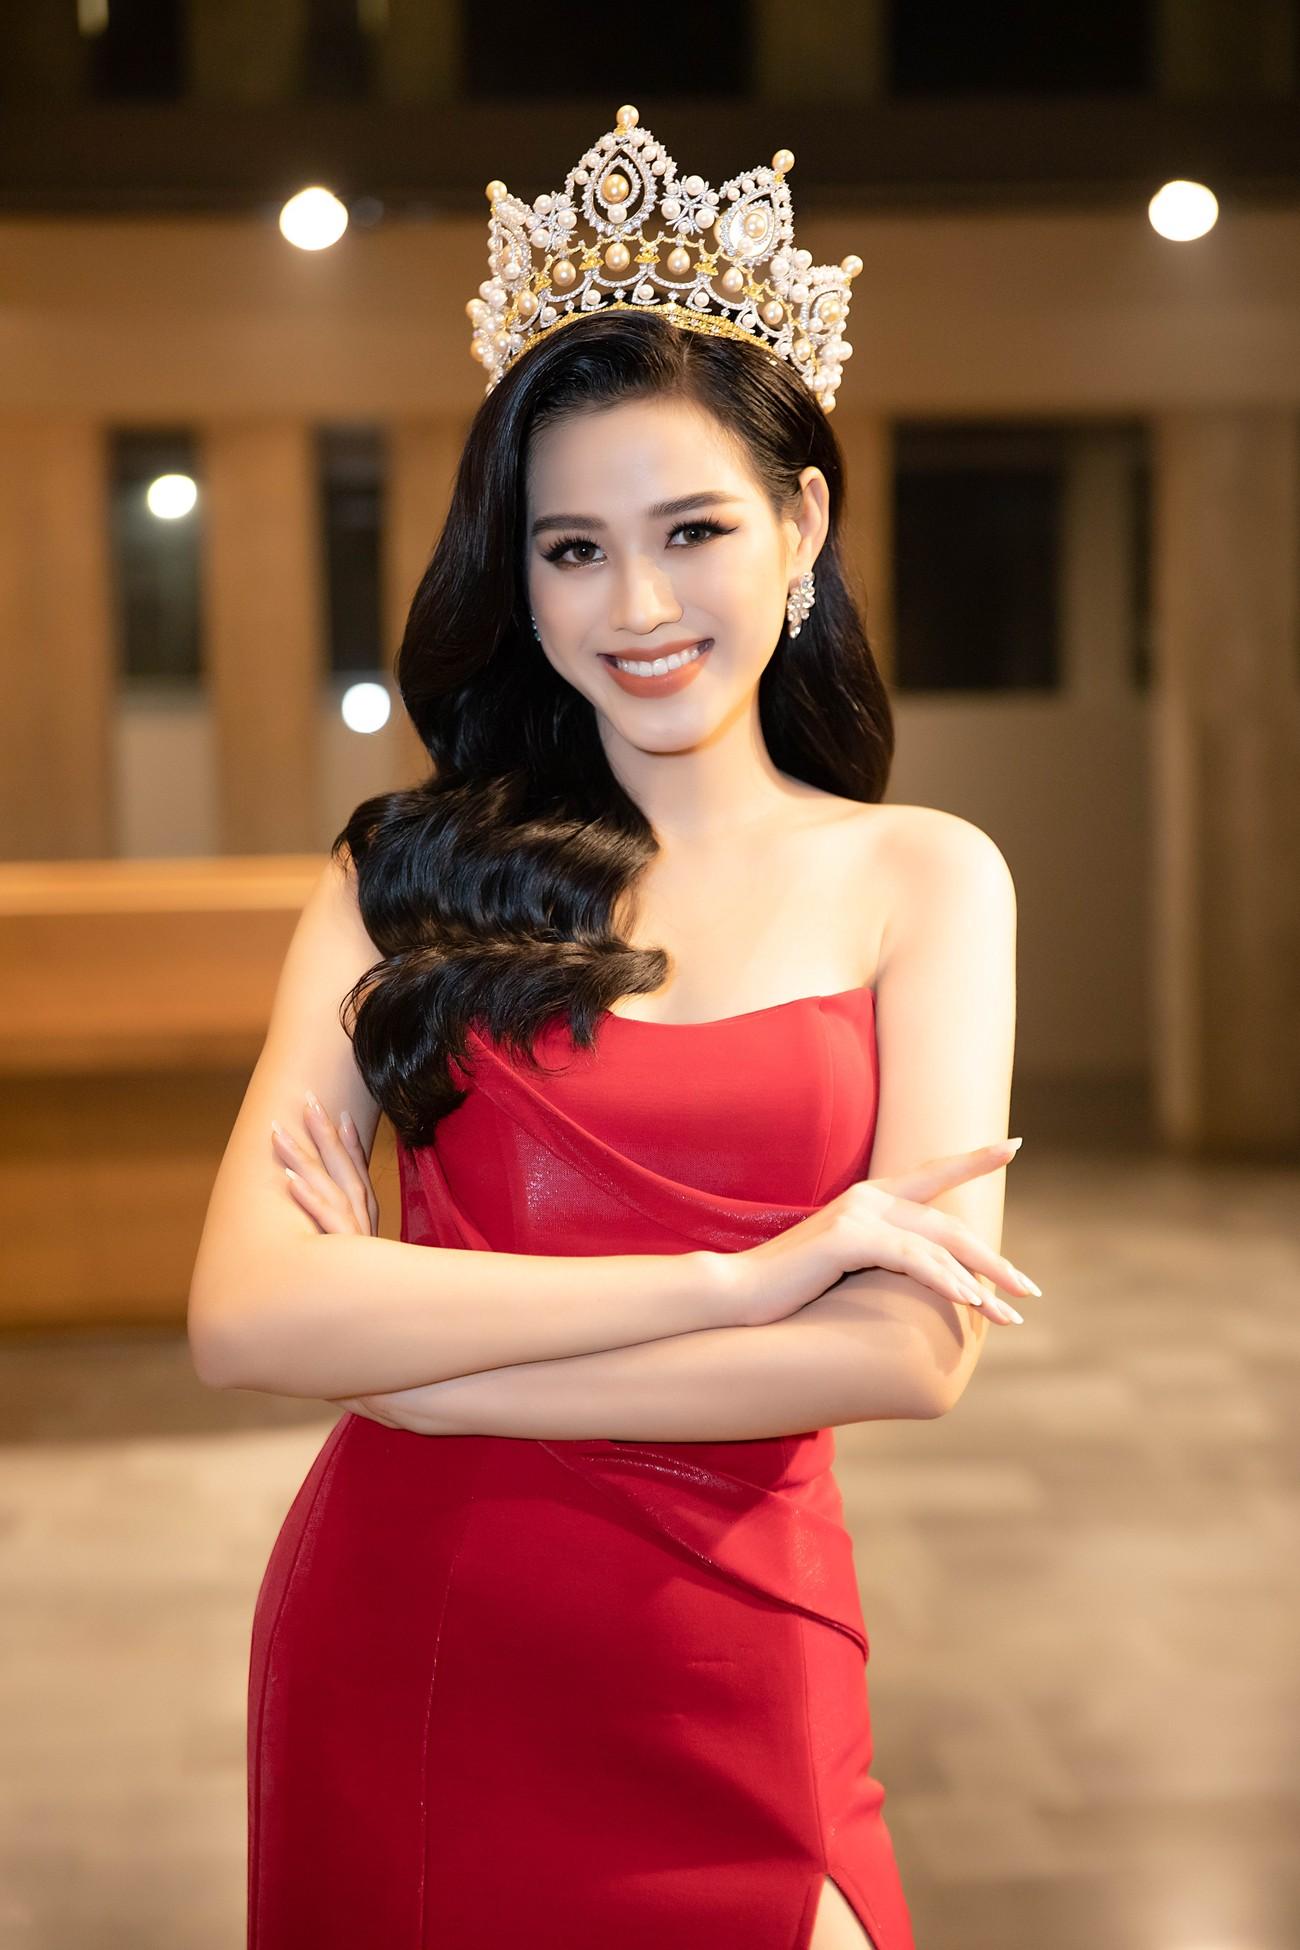 'Đụng' váy xẻ táo bạo với đàn chị Đỗ Mỹ Linh, Hoa hậu Đỗ Thị Hà thần thái rạng ngời ảnh 4